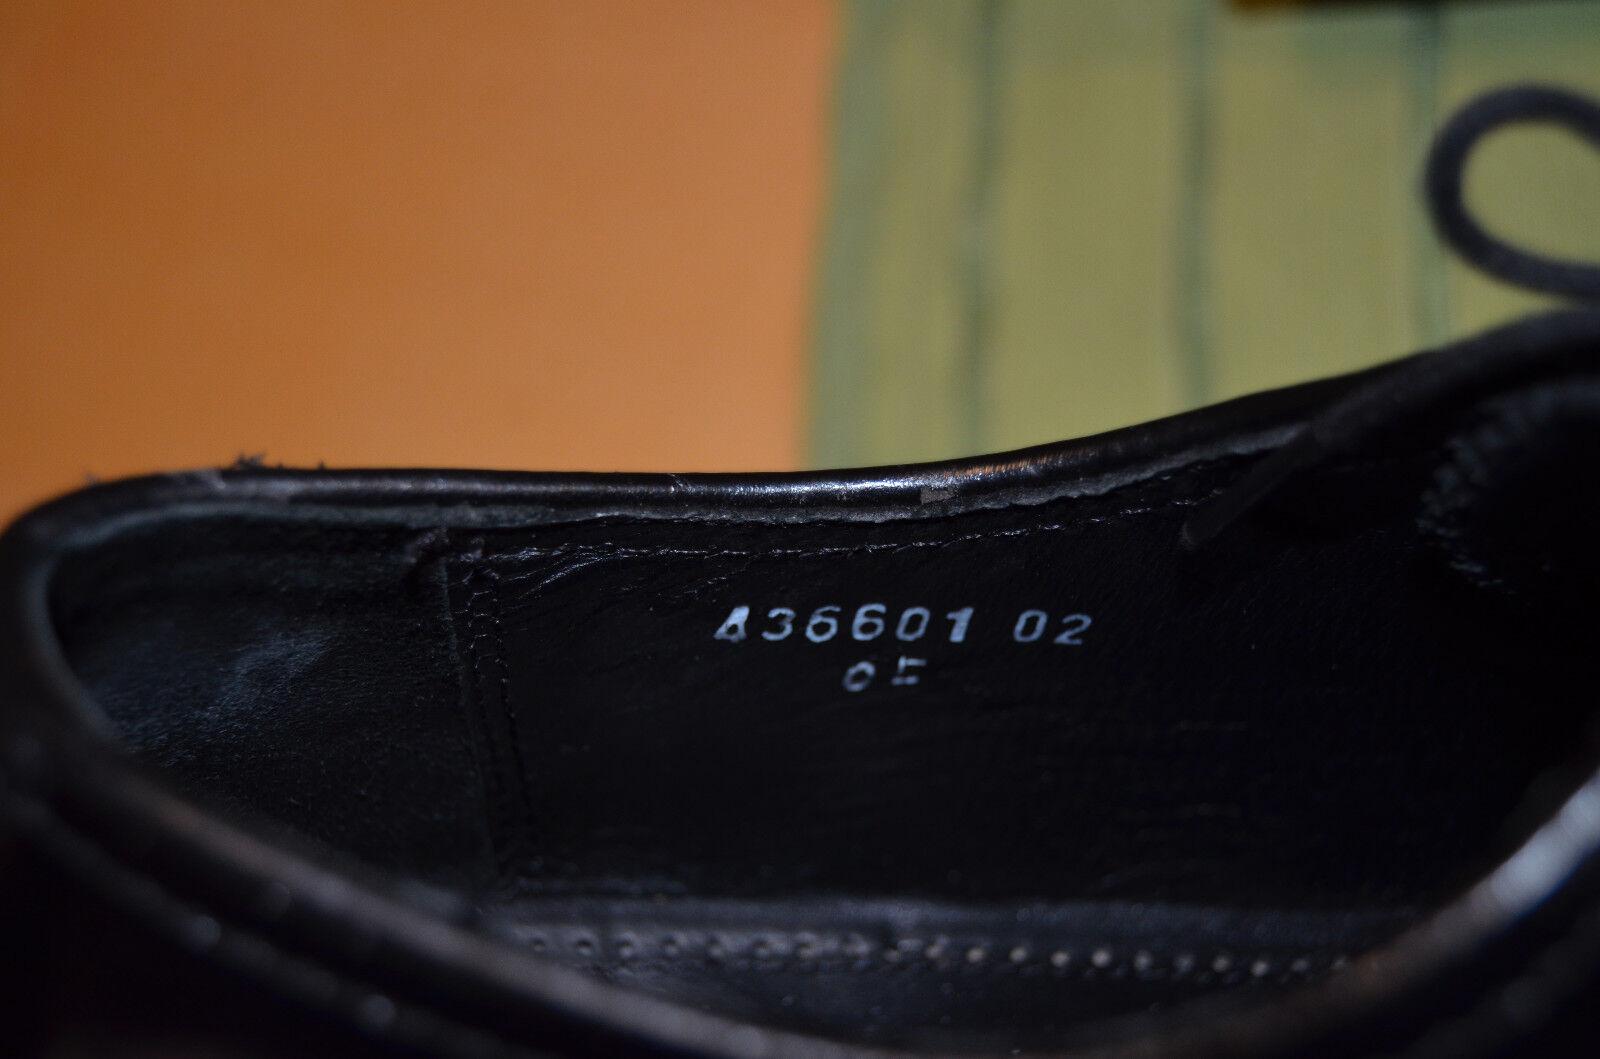 schwarze Lederschuhe  Herrenschuhe von Florsheim Modell  Lederschuhe Lexington Gr. 8 e6492c